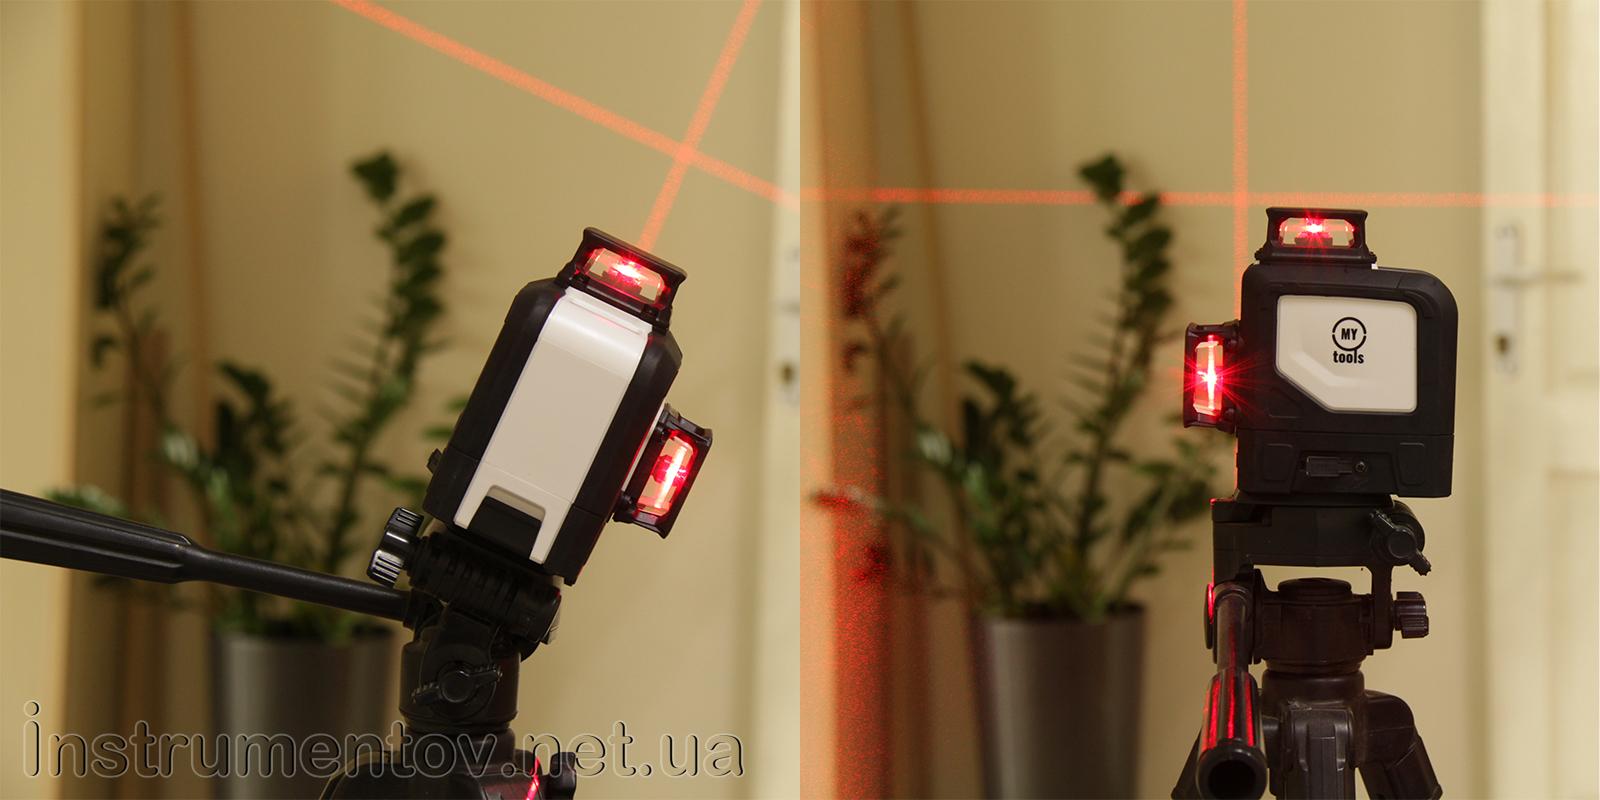 Купить лазерный нивелир My Tools 144-3R-360